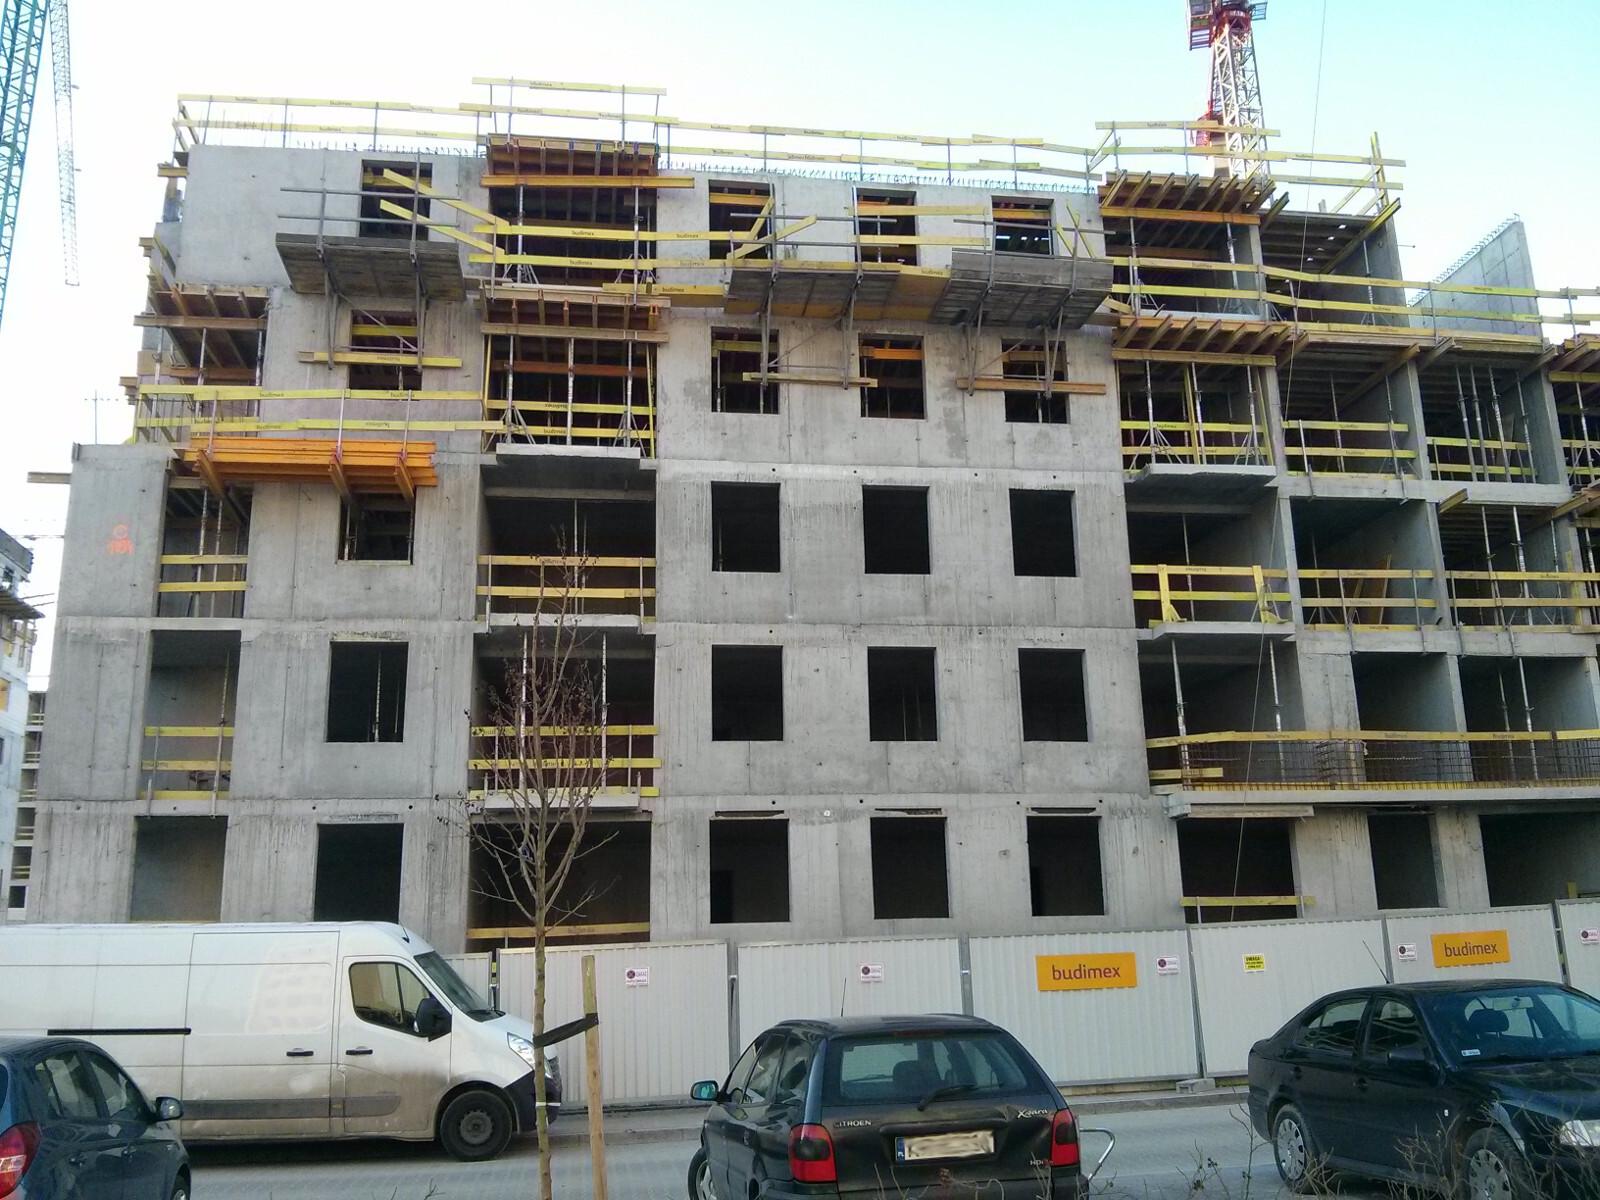 Osiedle Avia 3 w Czyżynach - Budimex stawia nowe mieszkania w Krakowie Czyżynach